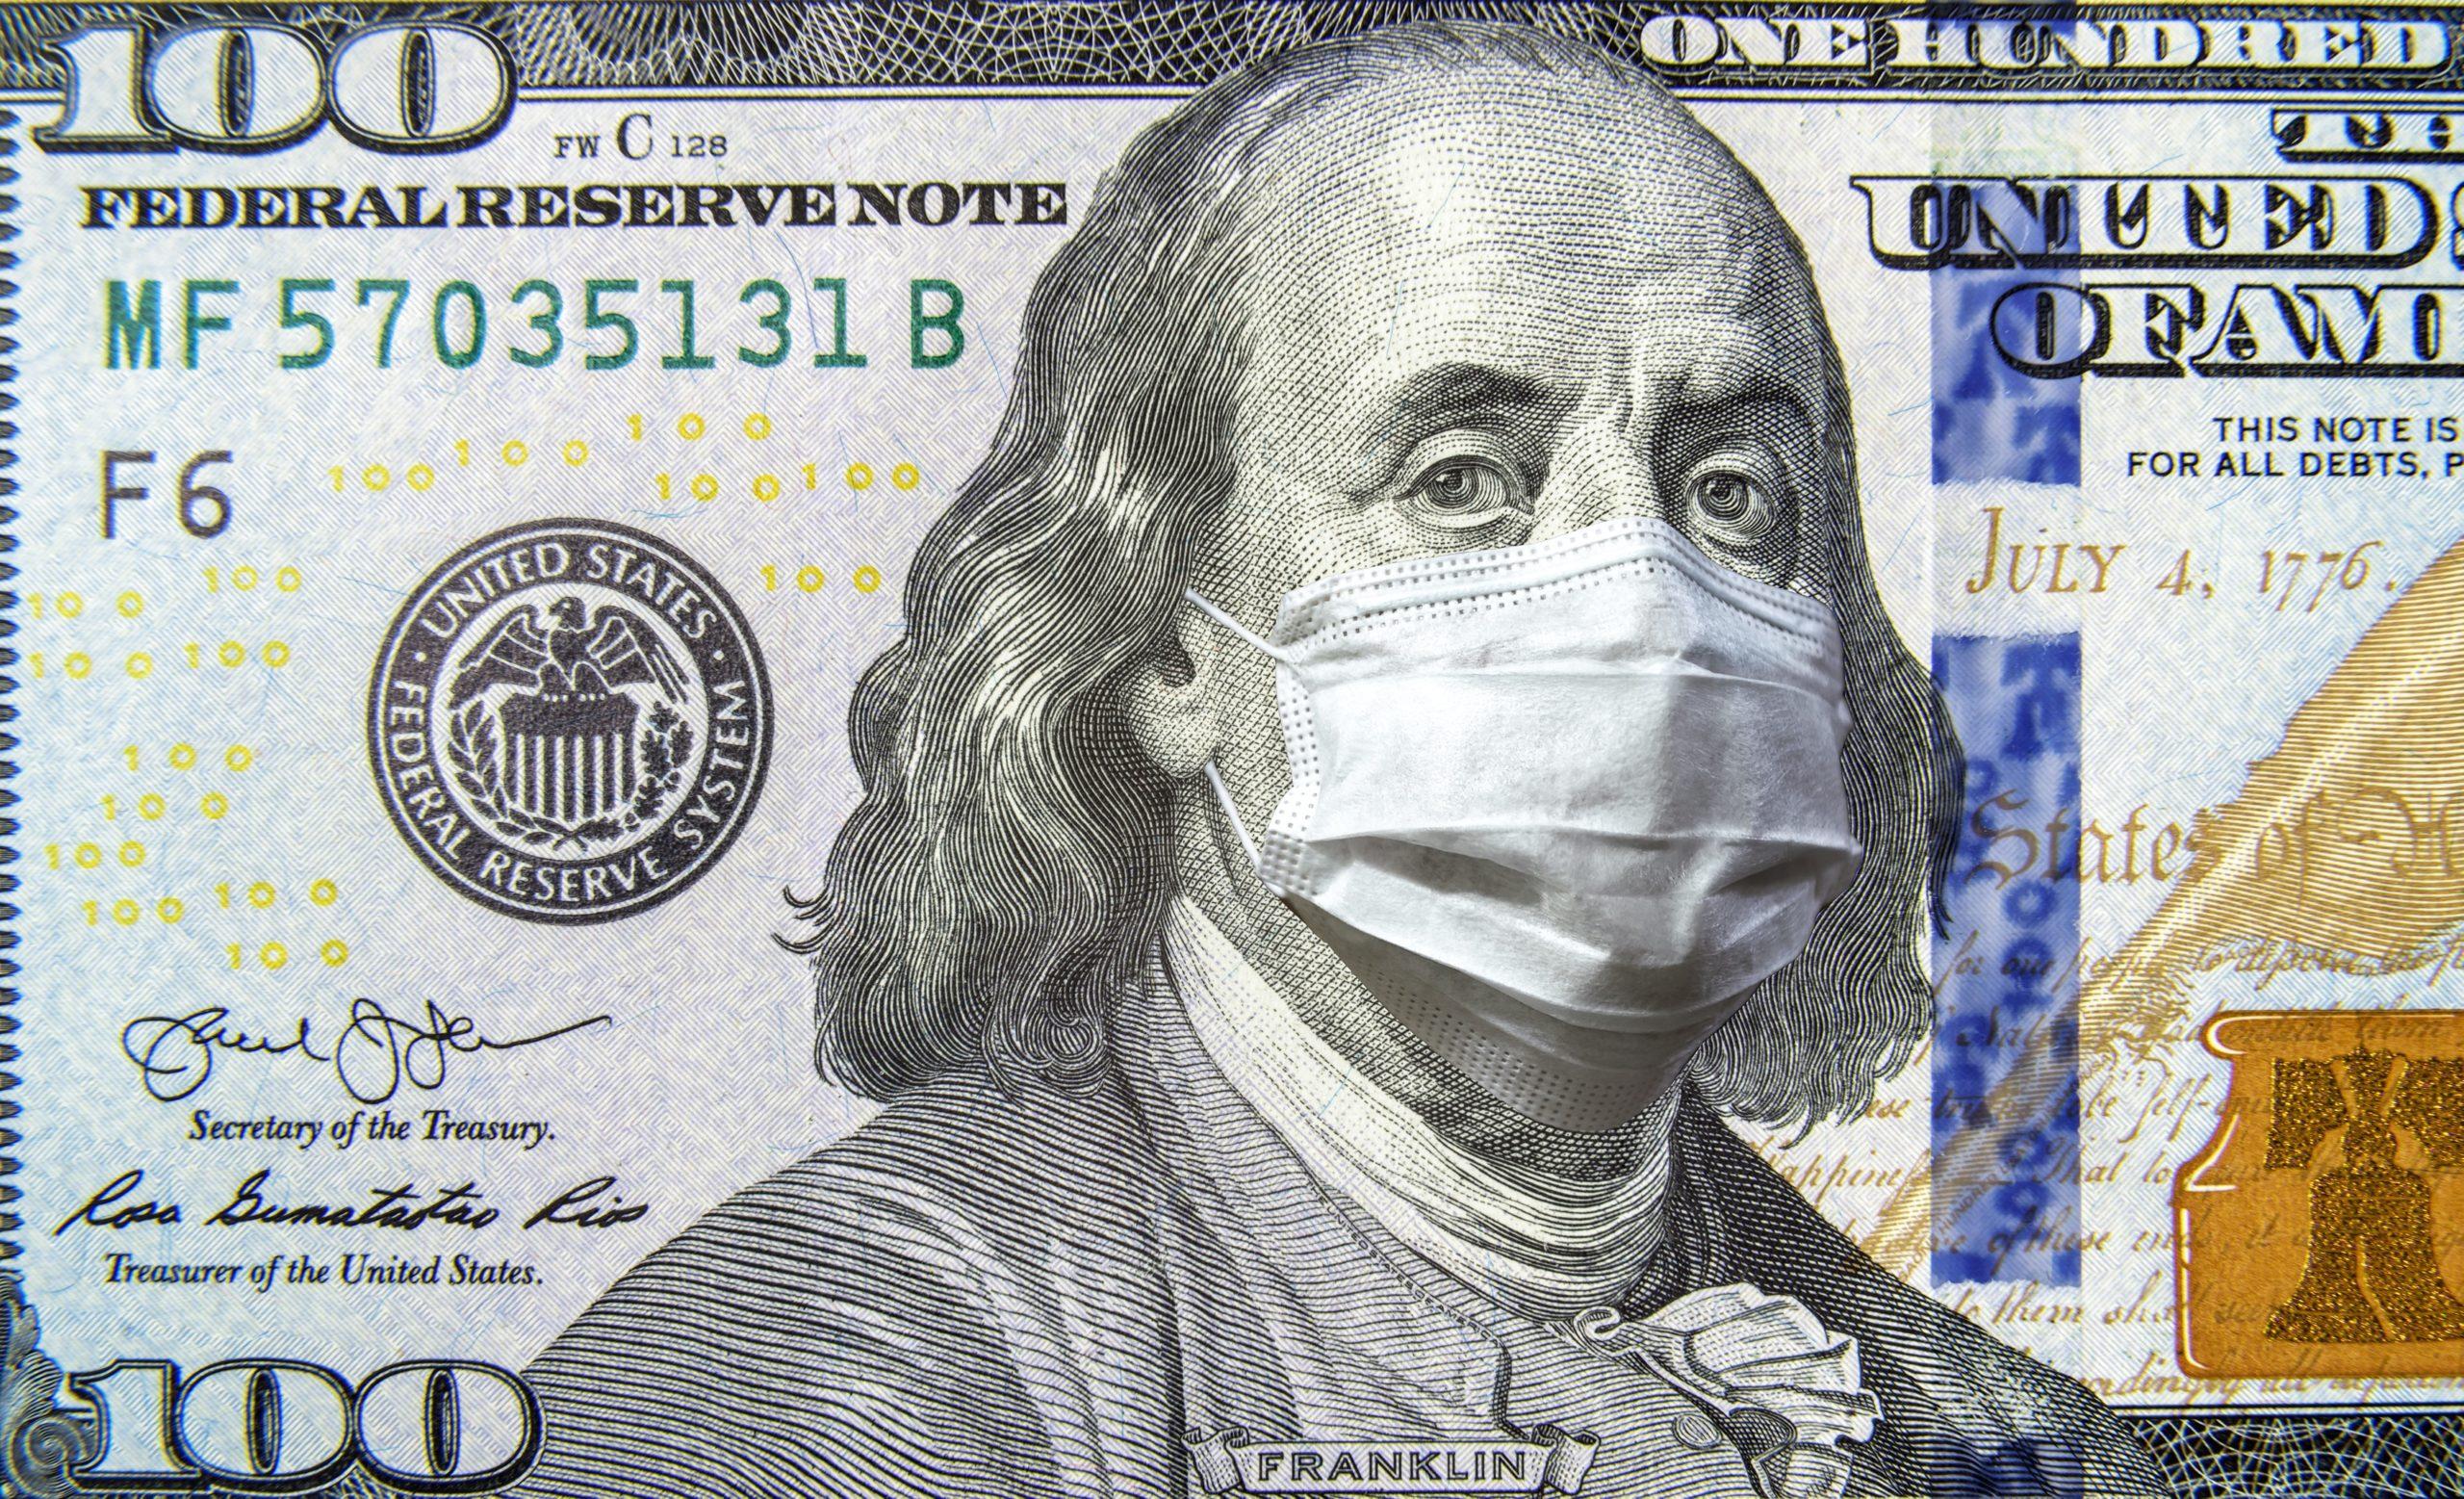 Nota de US$100 com máscara